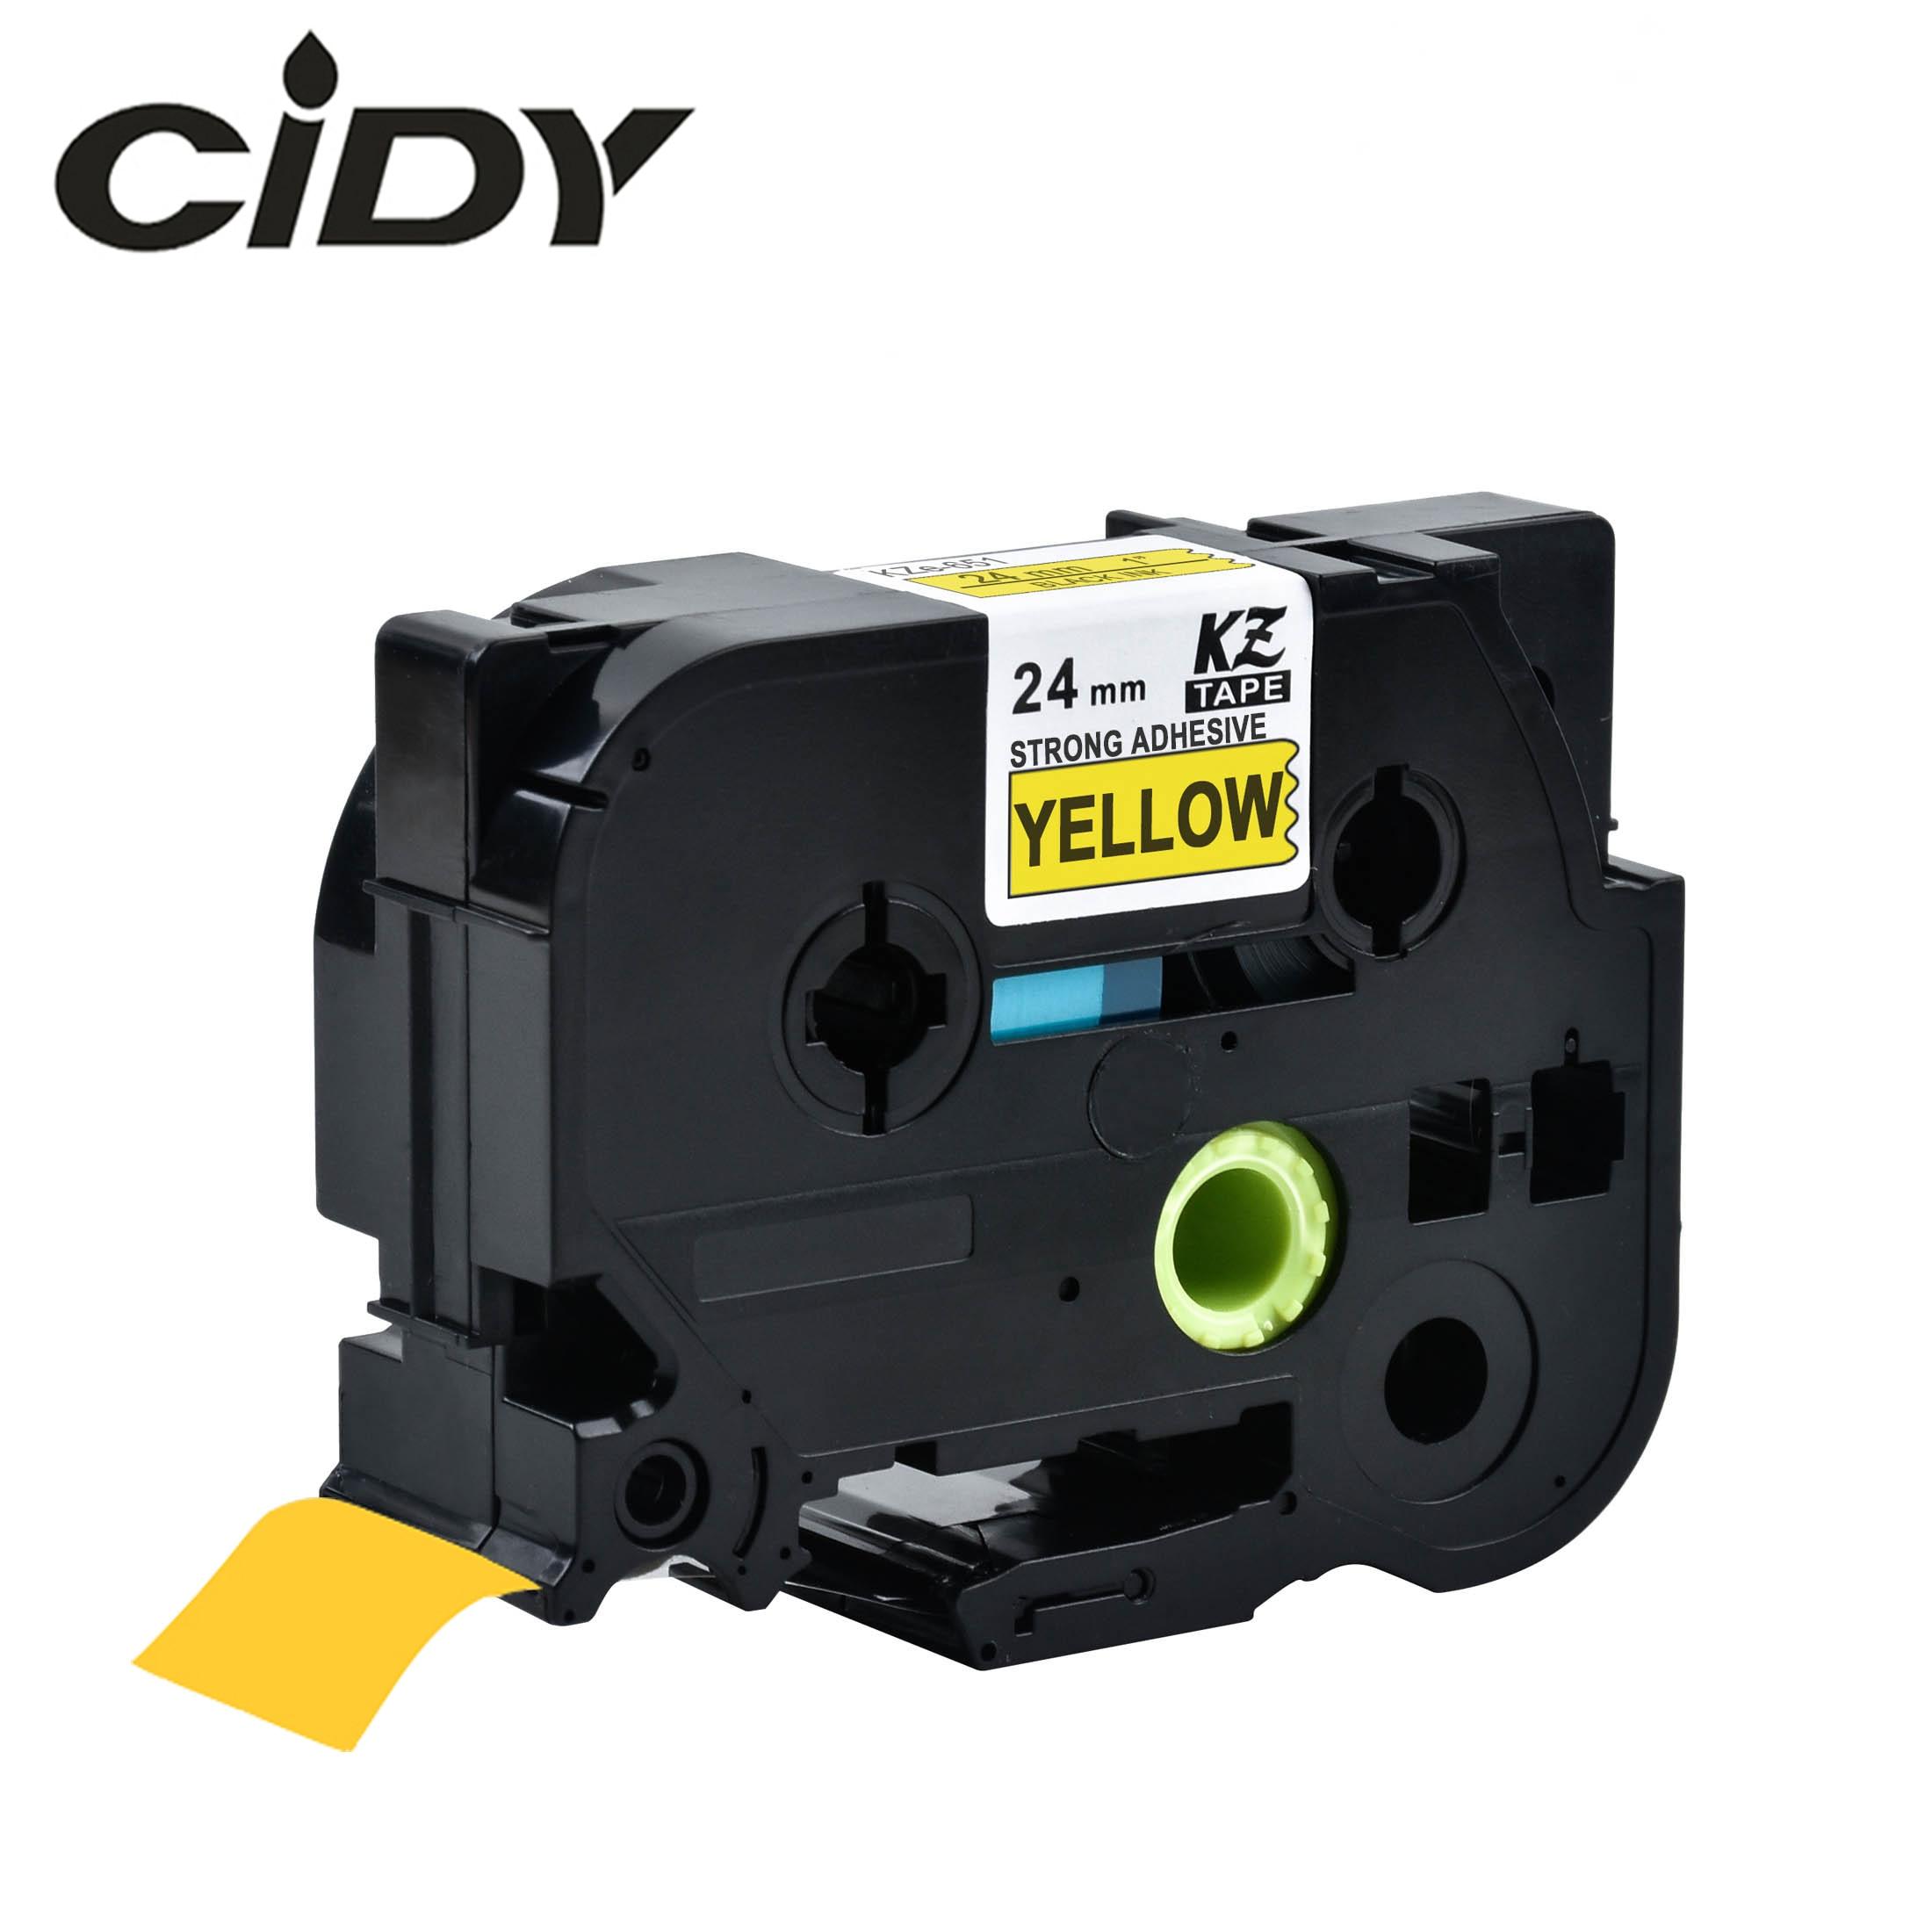 CIDY 2 stücke Kompatibel Starken Klebstoff 24mm Tze-S651 TZ-S651 Schwarz auf Gelb für Brother P-touch Label Drucker TZ S651 TZE S651